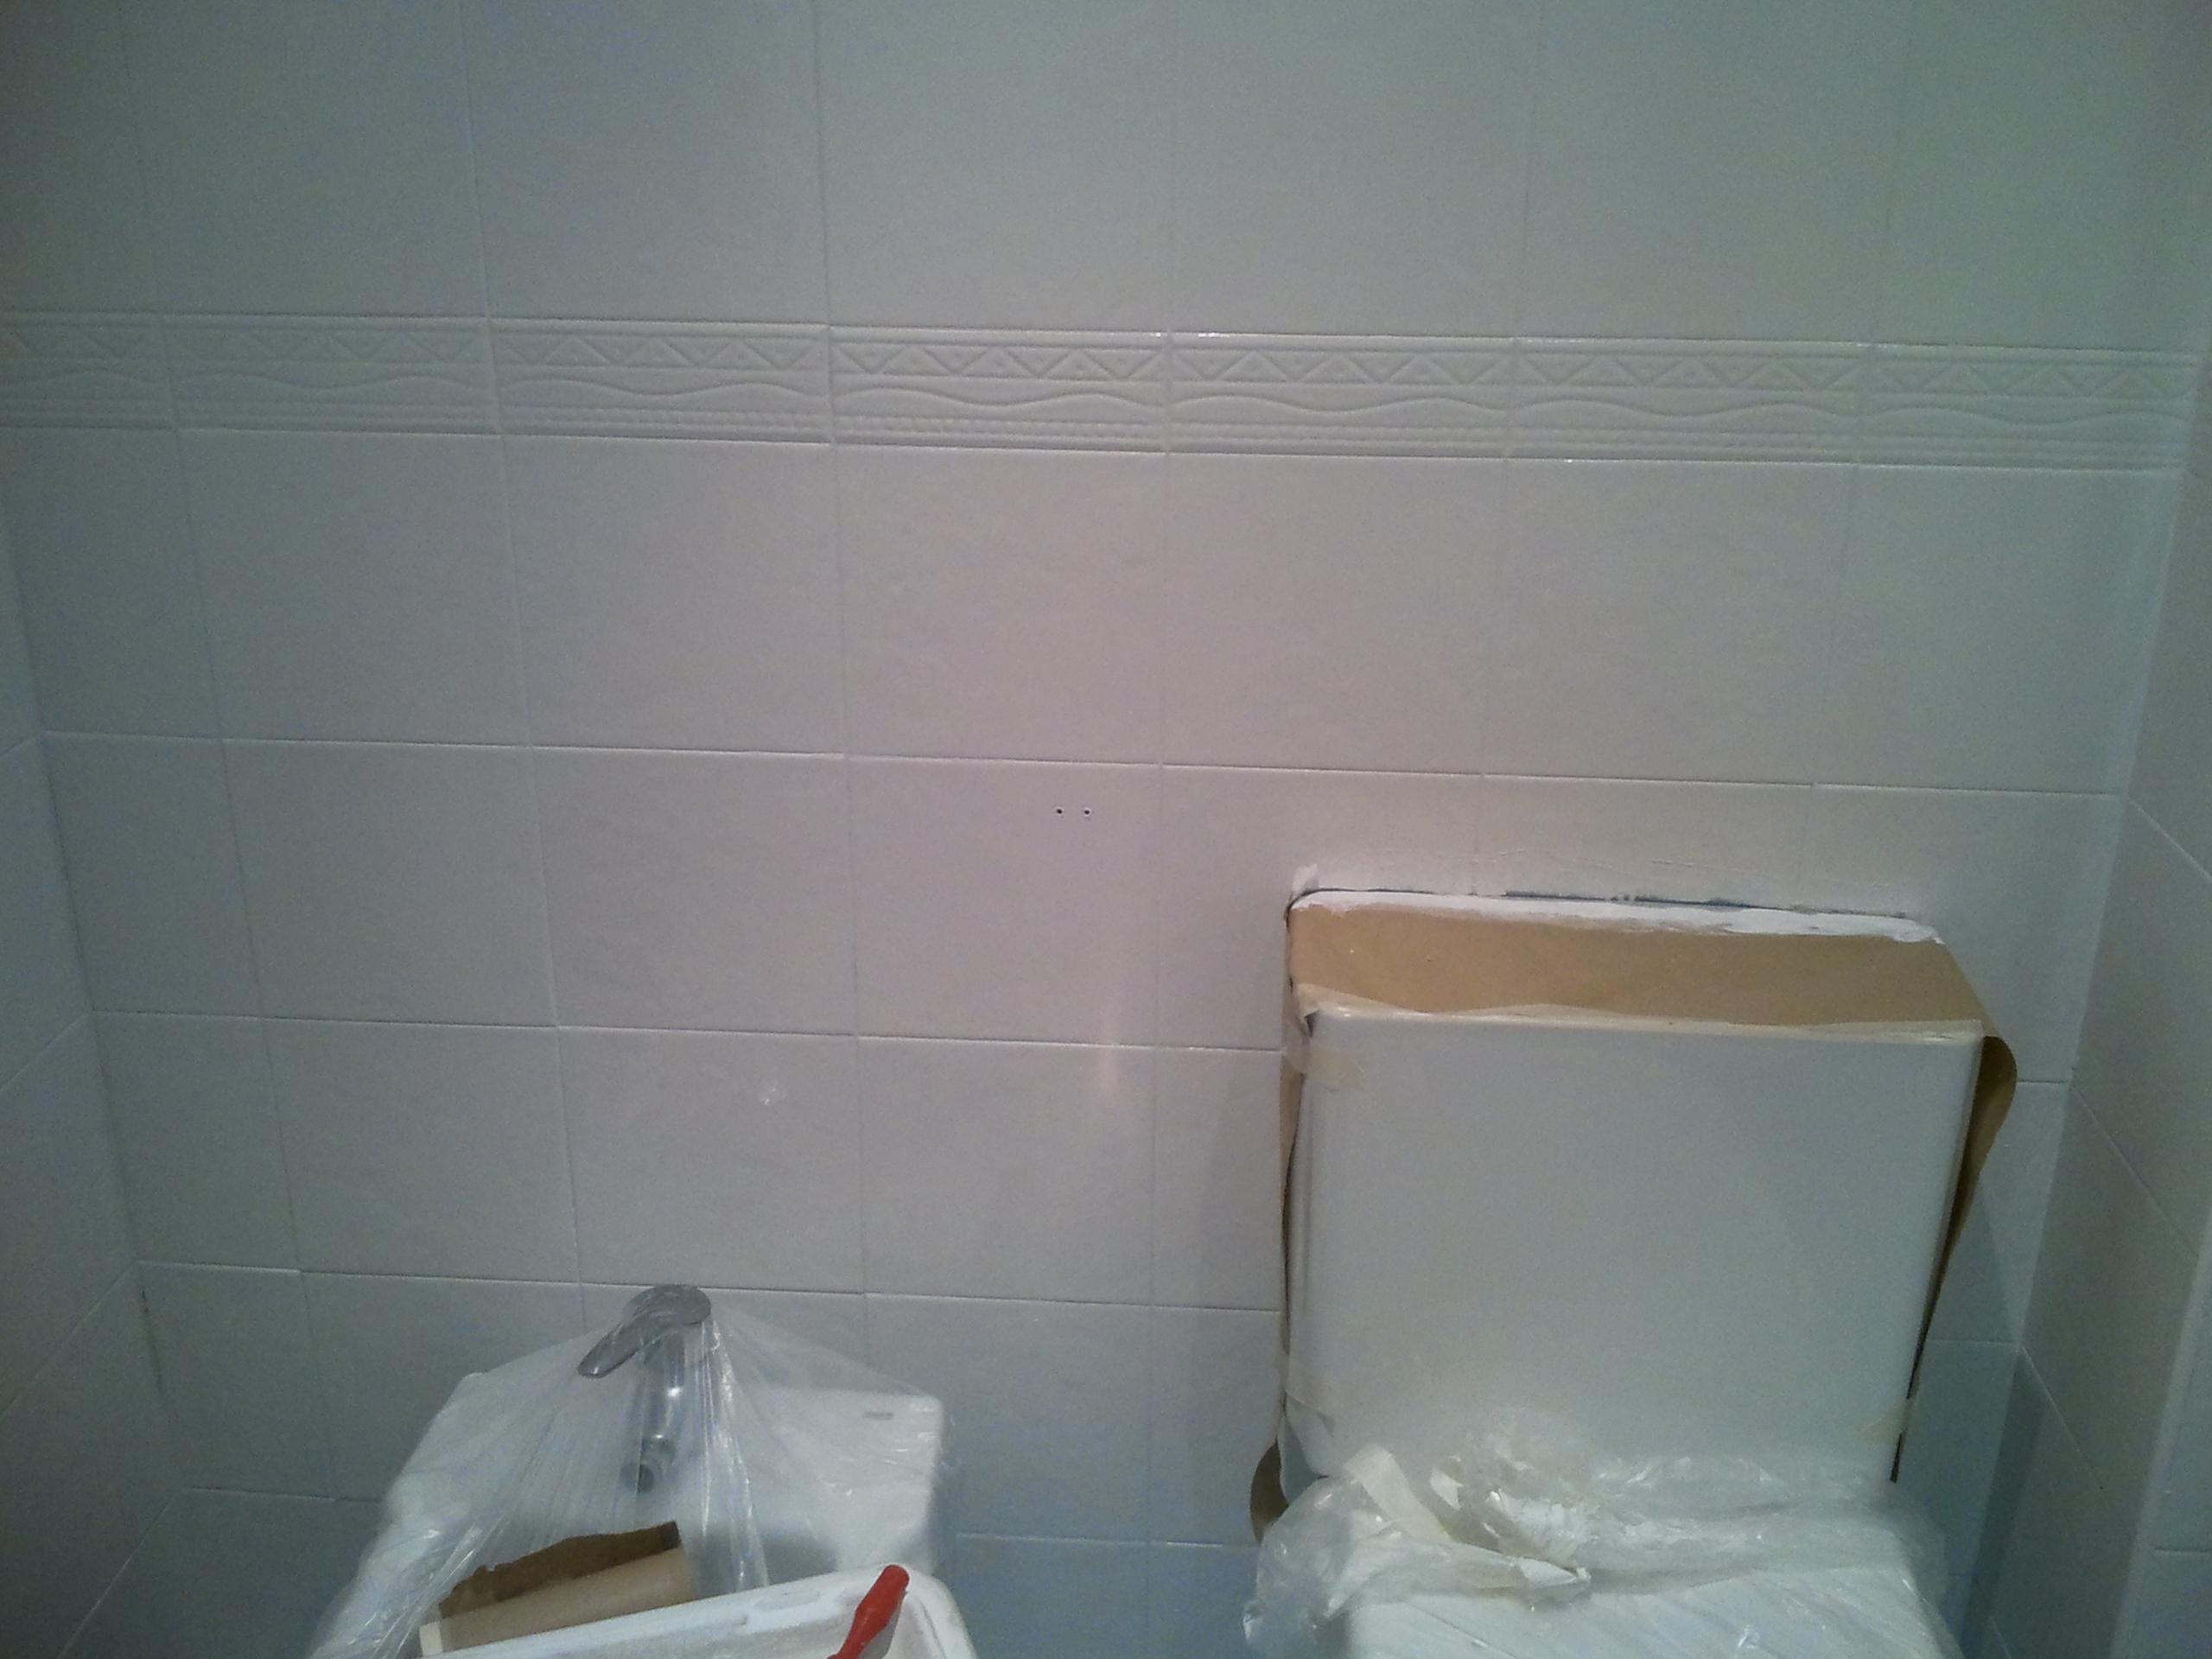 Reformar Azulejos Baño Sin Obras:Obras en casa XI : Cómo reformar baño sin obra